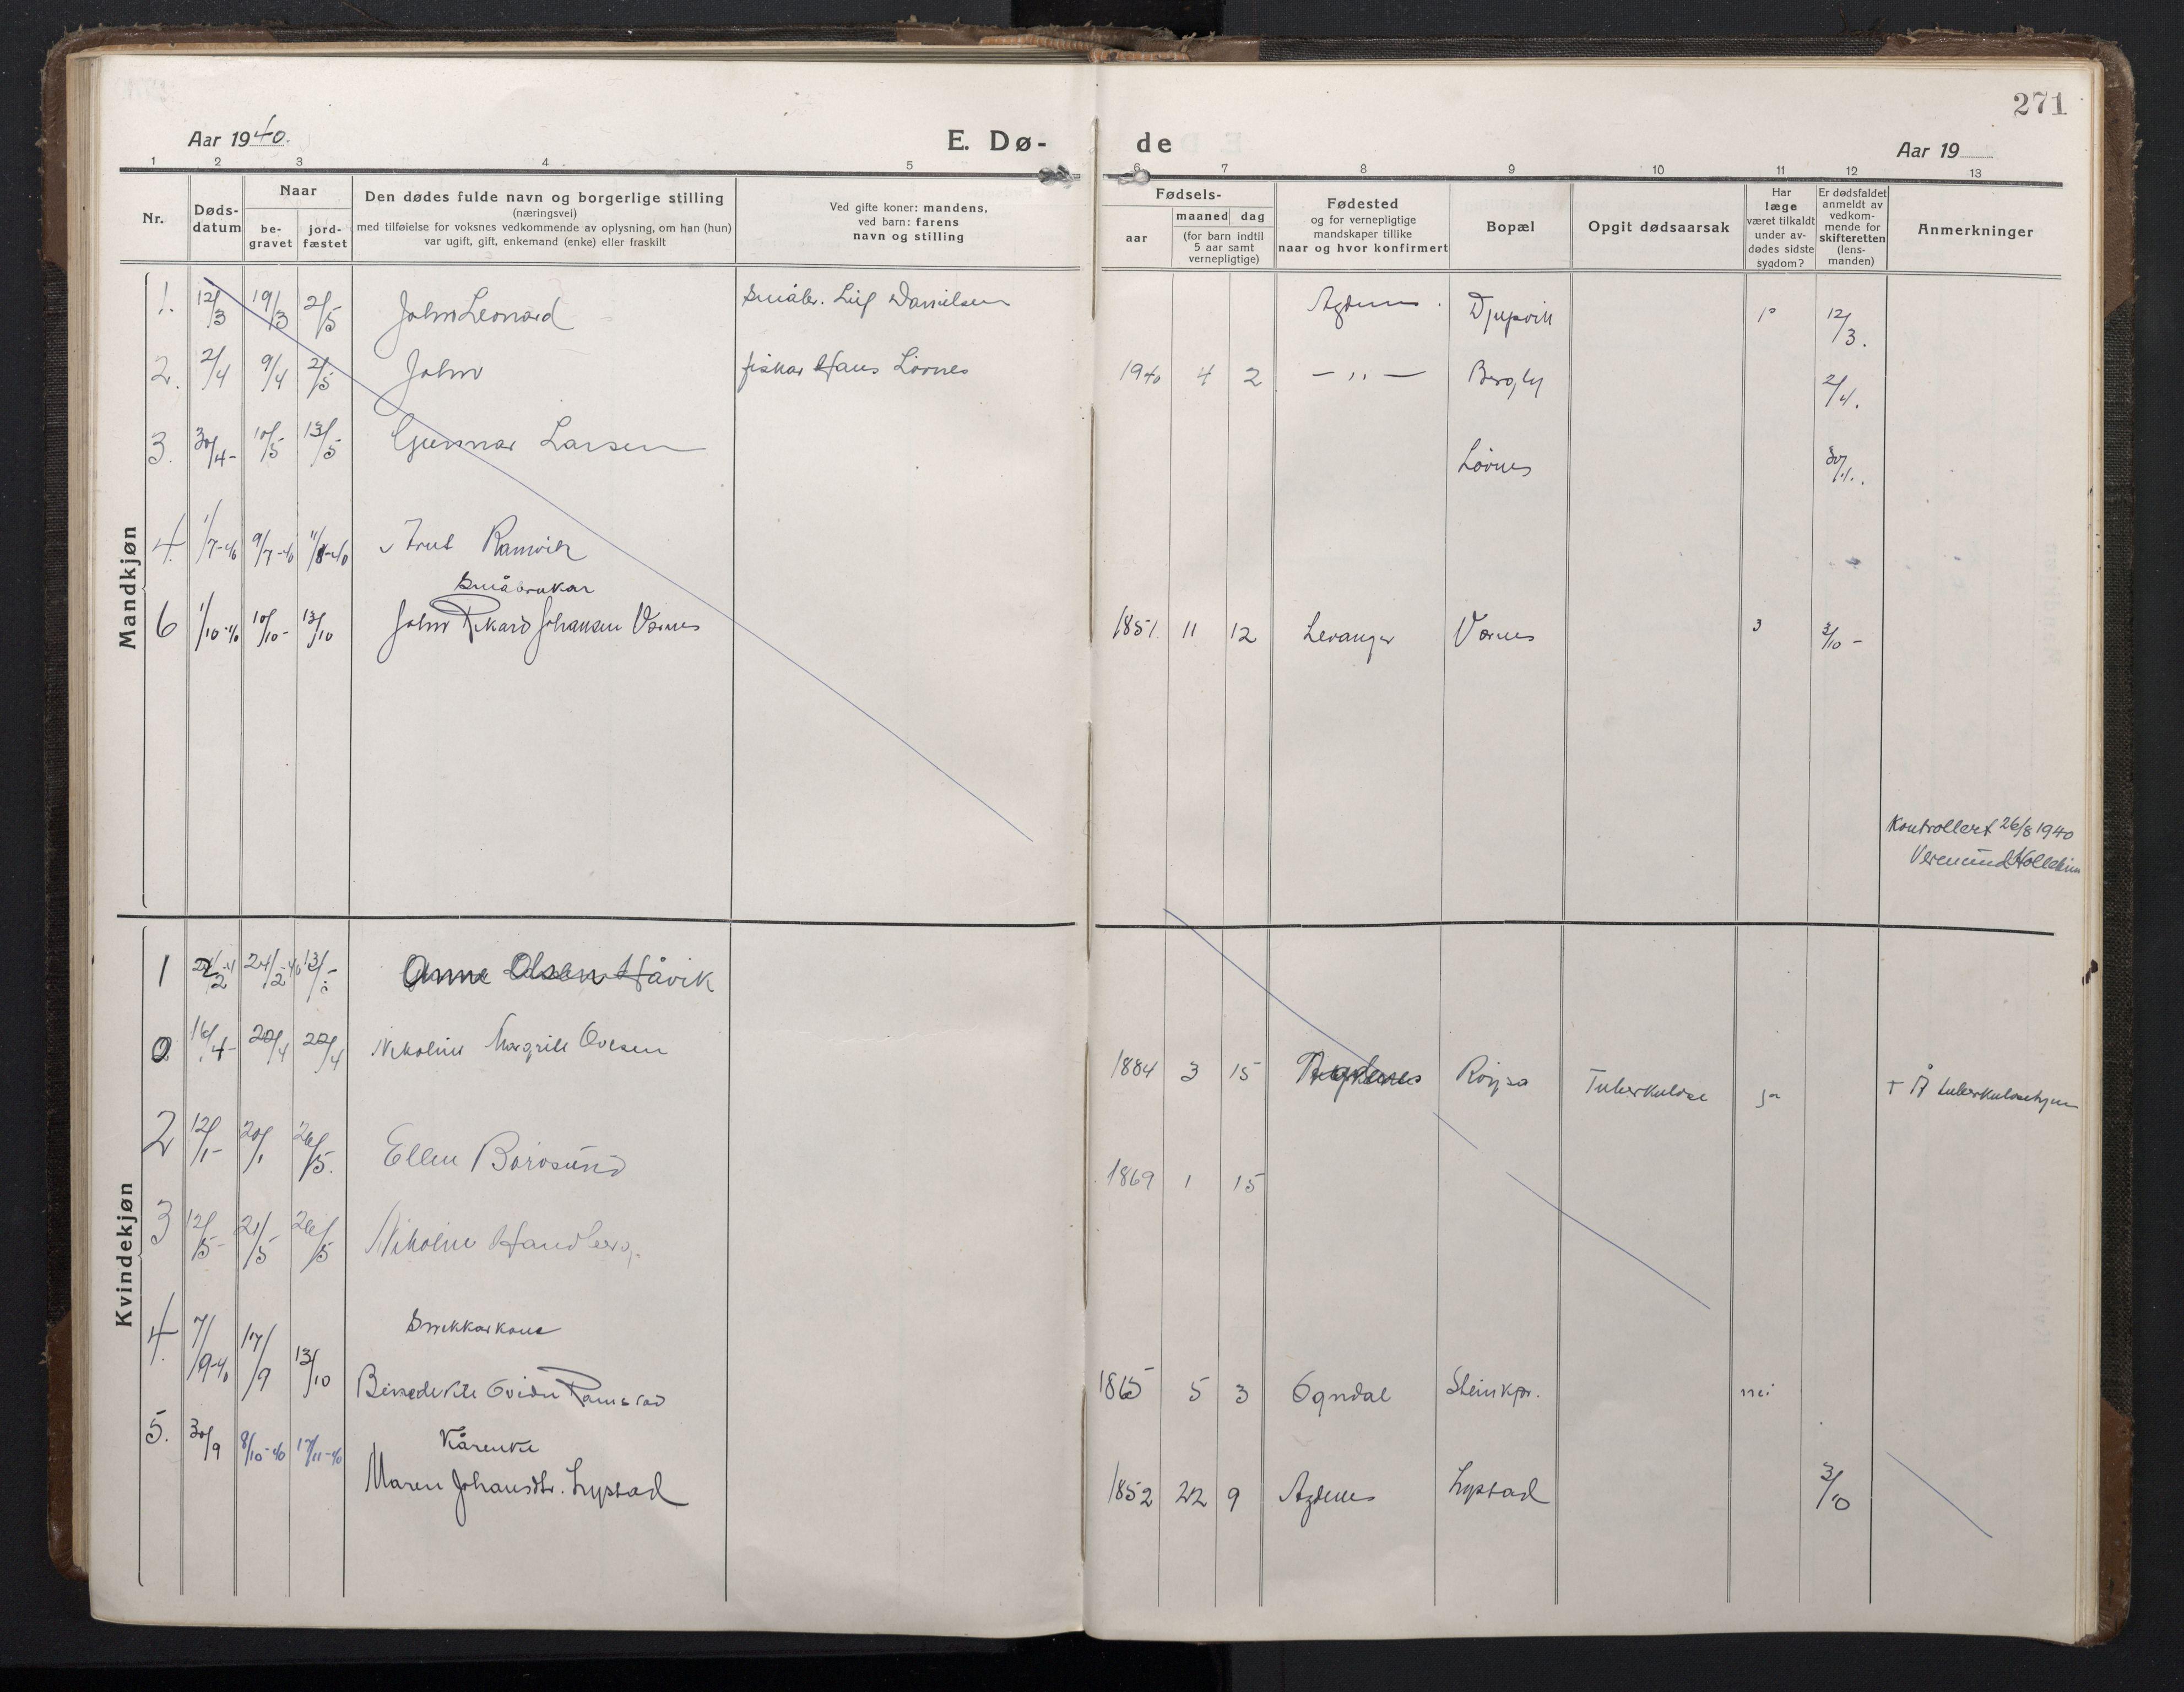 SAT, Ministerialprotokoller, klokkerbøker og fødselsregistre - Sør-Trøndelag, 662/L0758: Klokkerbok nr. 662C03, 1918-1948, s. 271